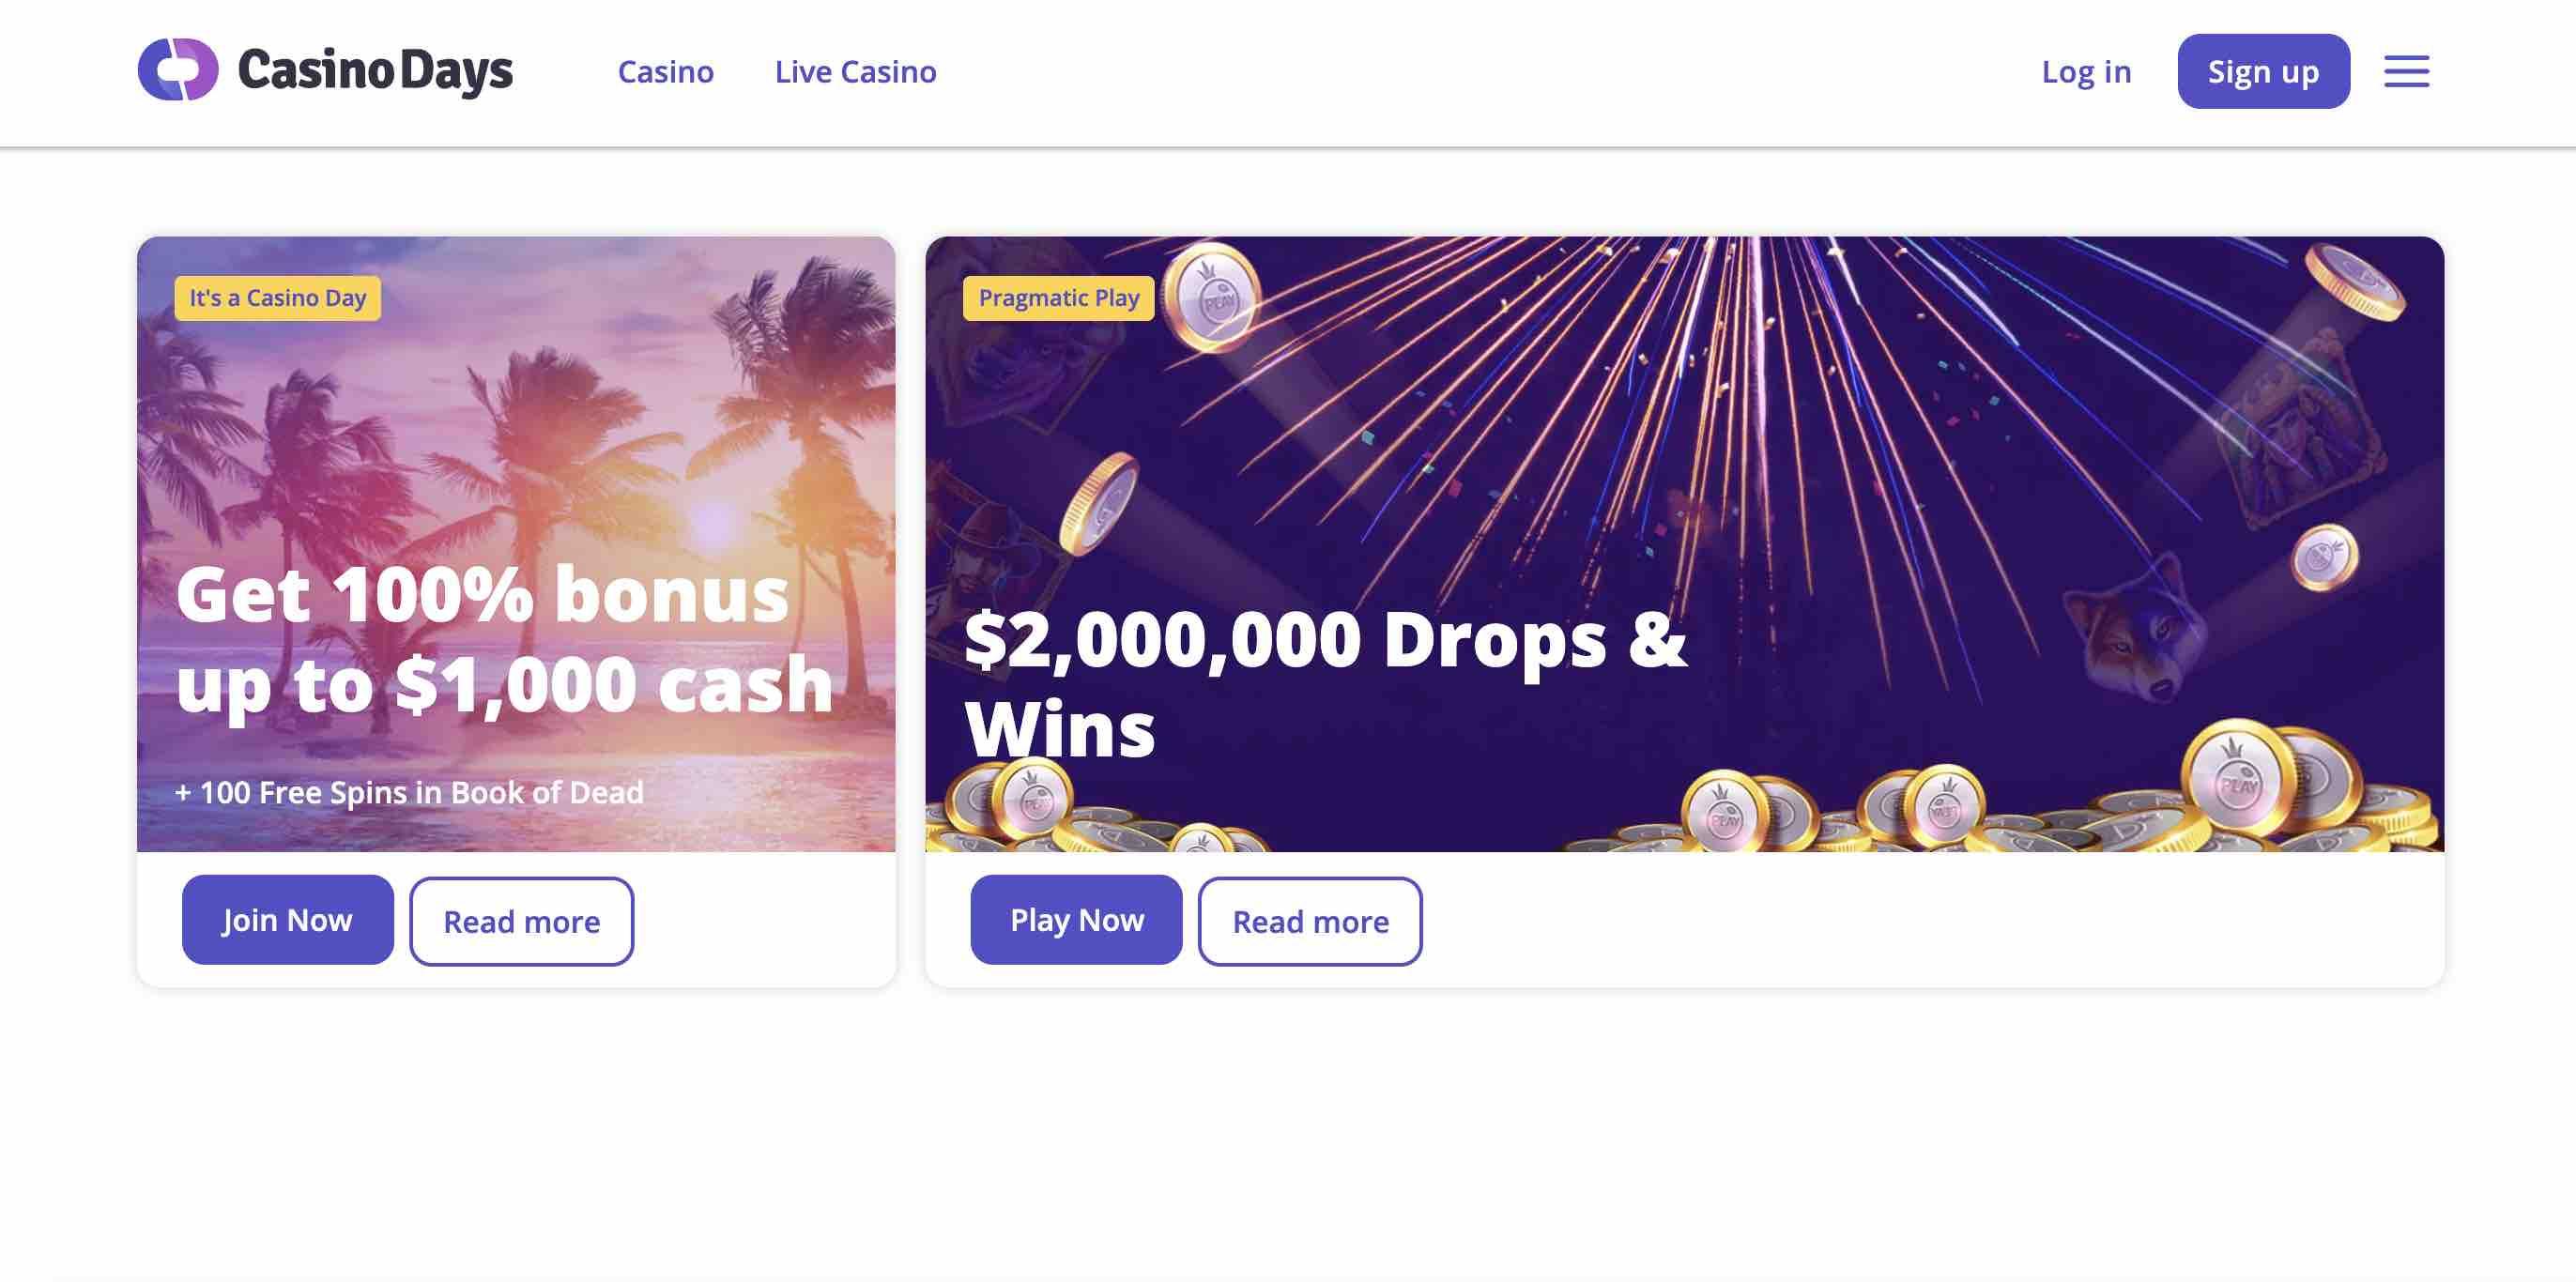 Casino Days Bonuses